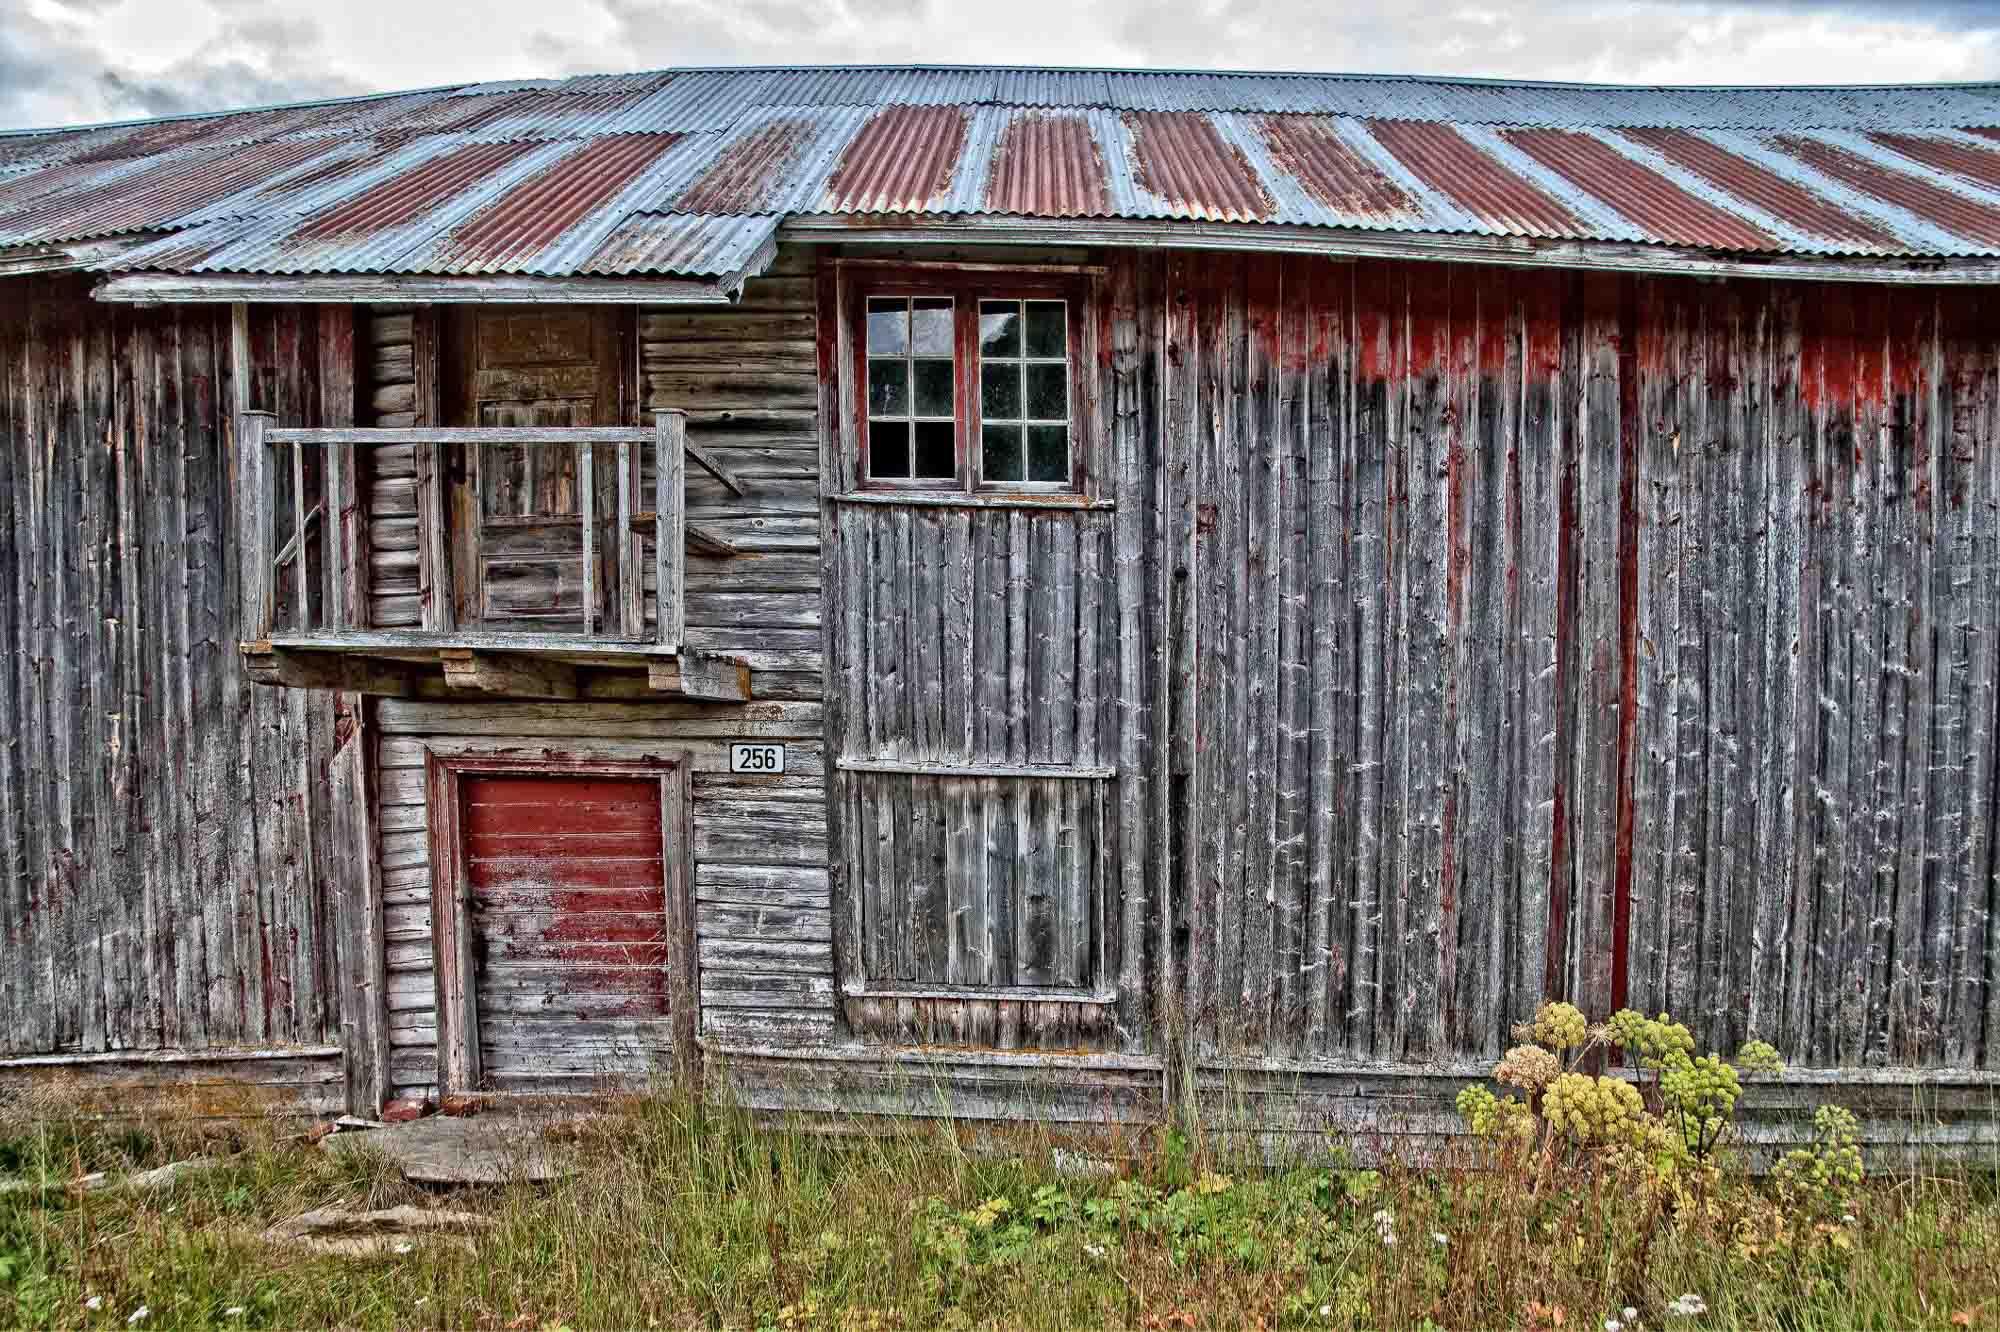 Det gamle selet viser gammel storhet - to etasjer og veranda, men dessverre har forfallet begynt. Vi kan ane hvilket praktbygg dette var en gang i tiden. Bildet er fra Ormsetra i Imsdalen der seterdriften for lengst er opphørt. De fleste av setrene er fradelt og solgt og kveene er tilbakeført til allmenningen.